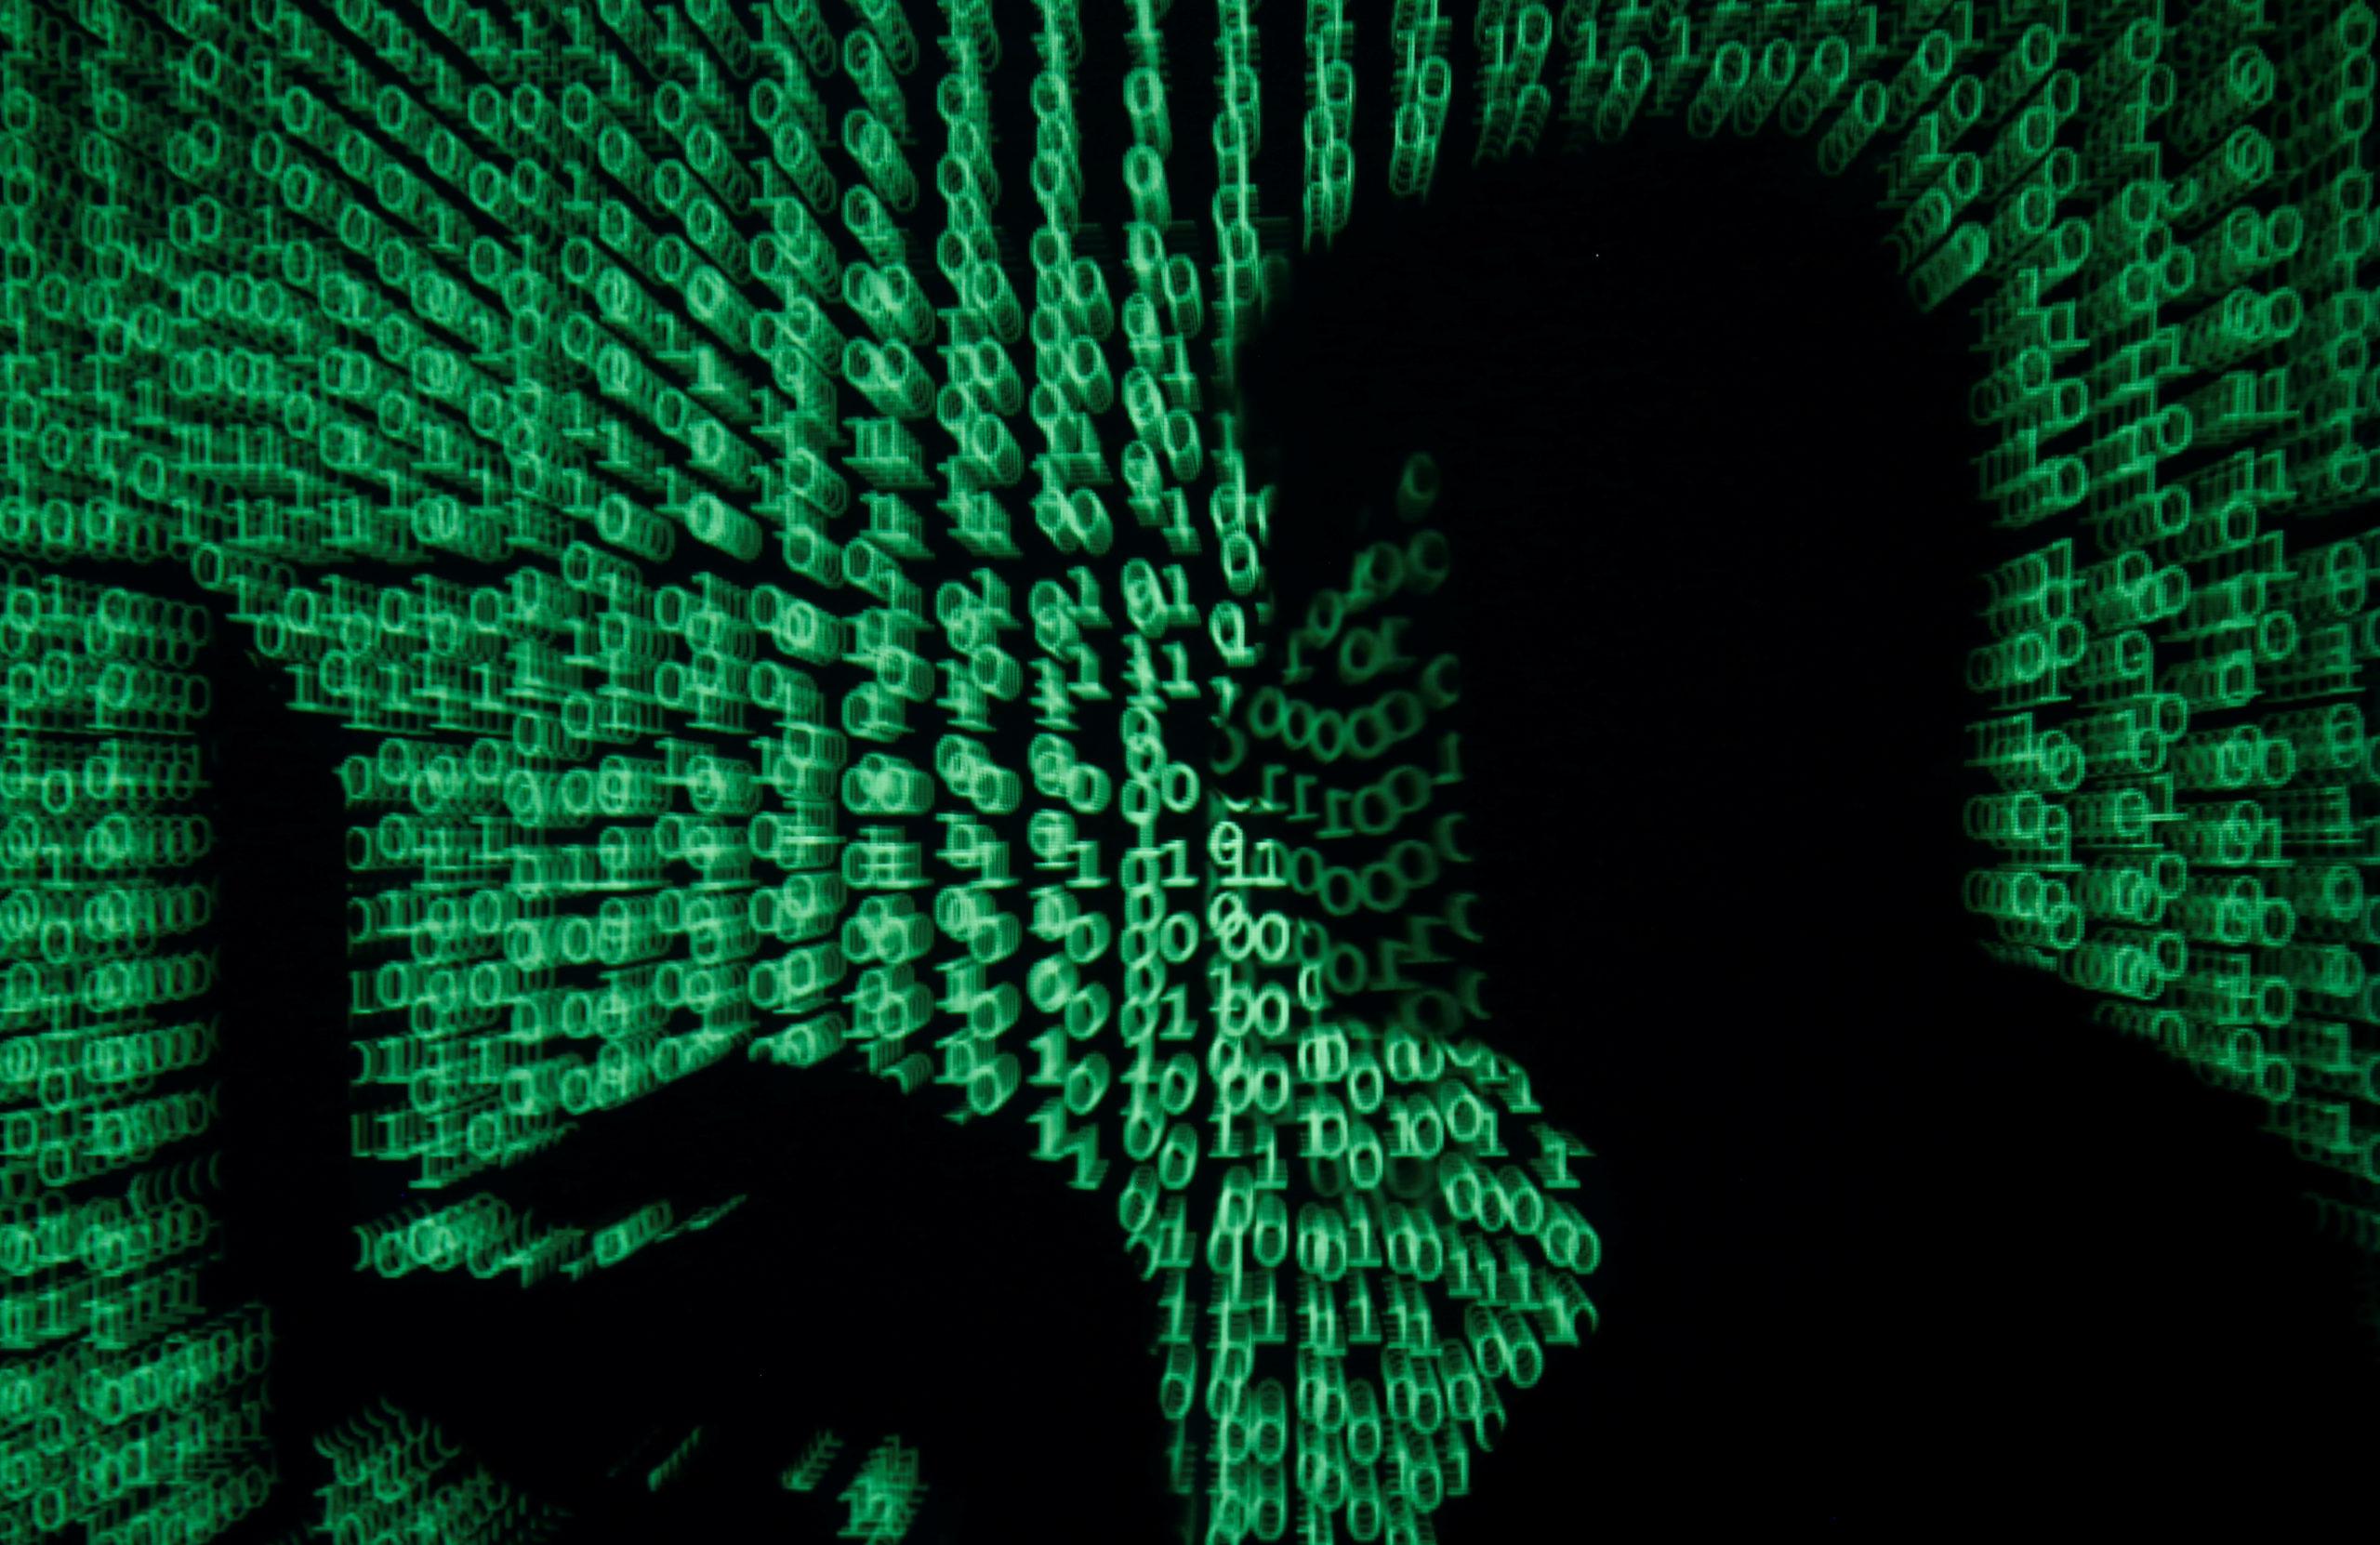 Les recherches de l'université d'Oxford pas affectées par une cyberattaque